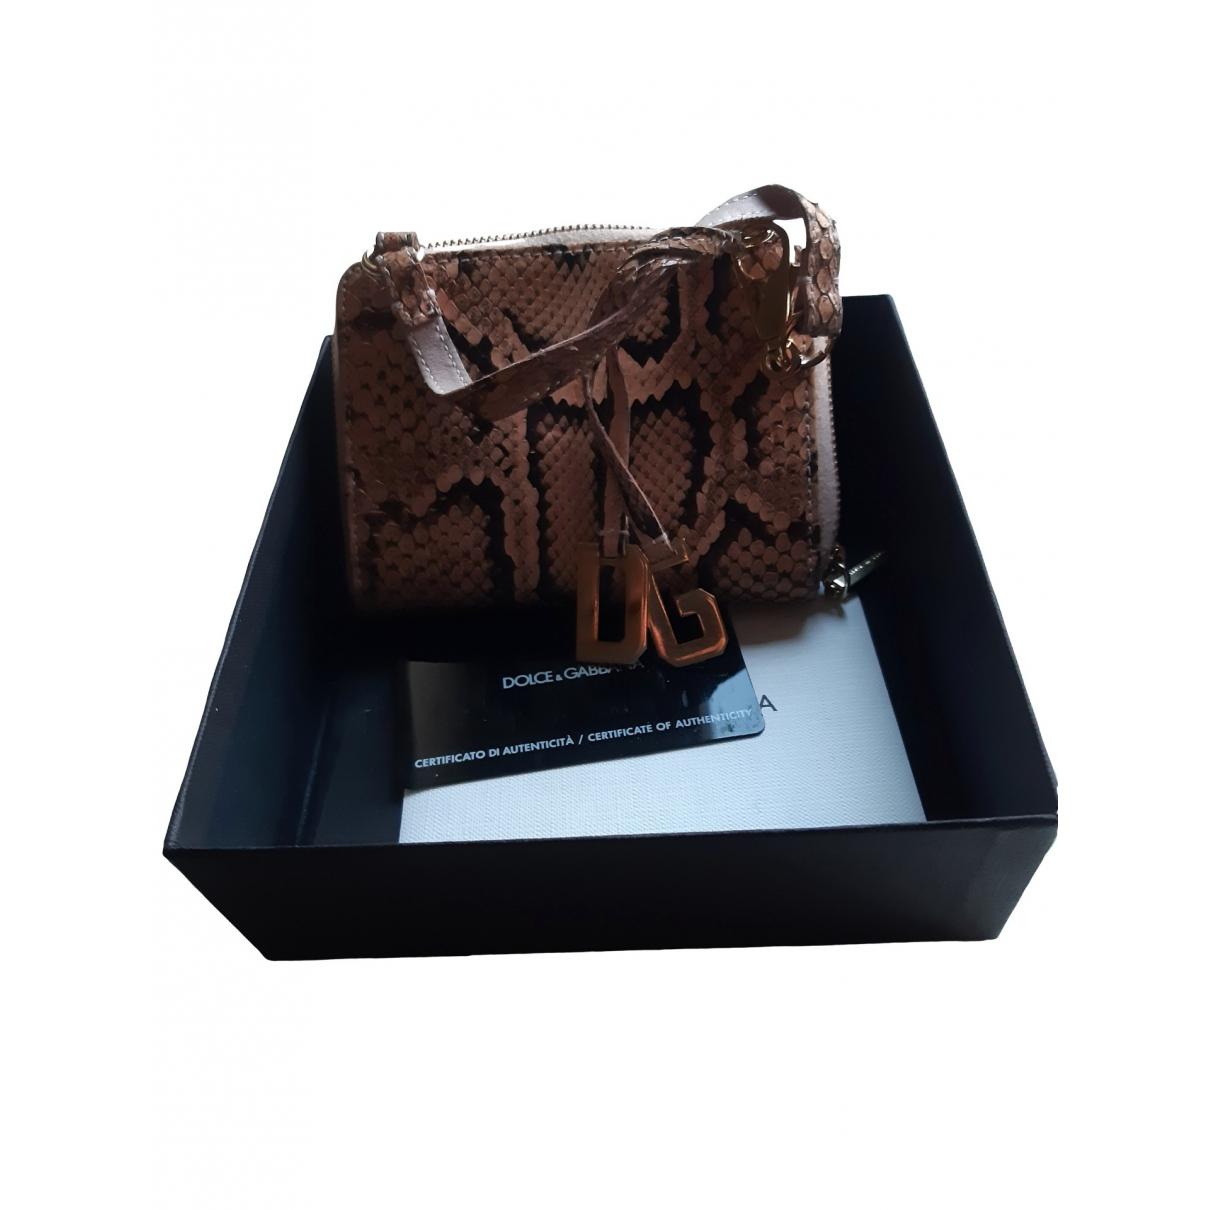 Dolce & Gabbana - Petite maroquinerie   pour femme en python - ecru